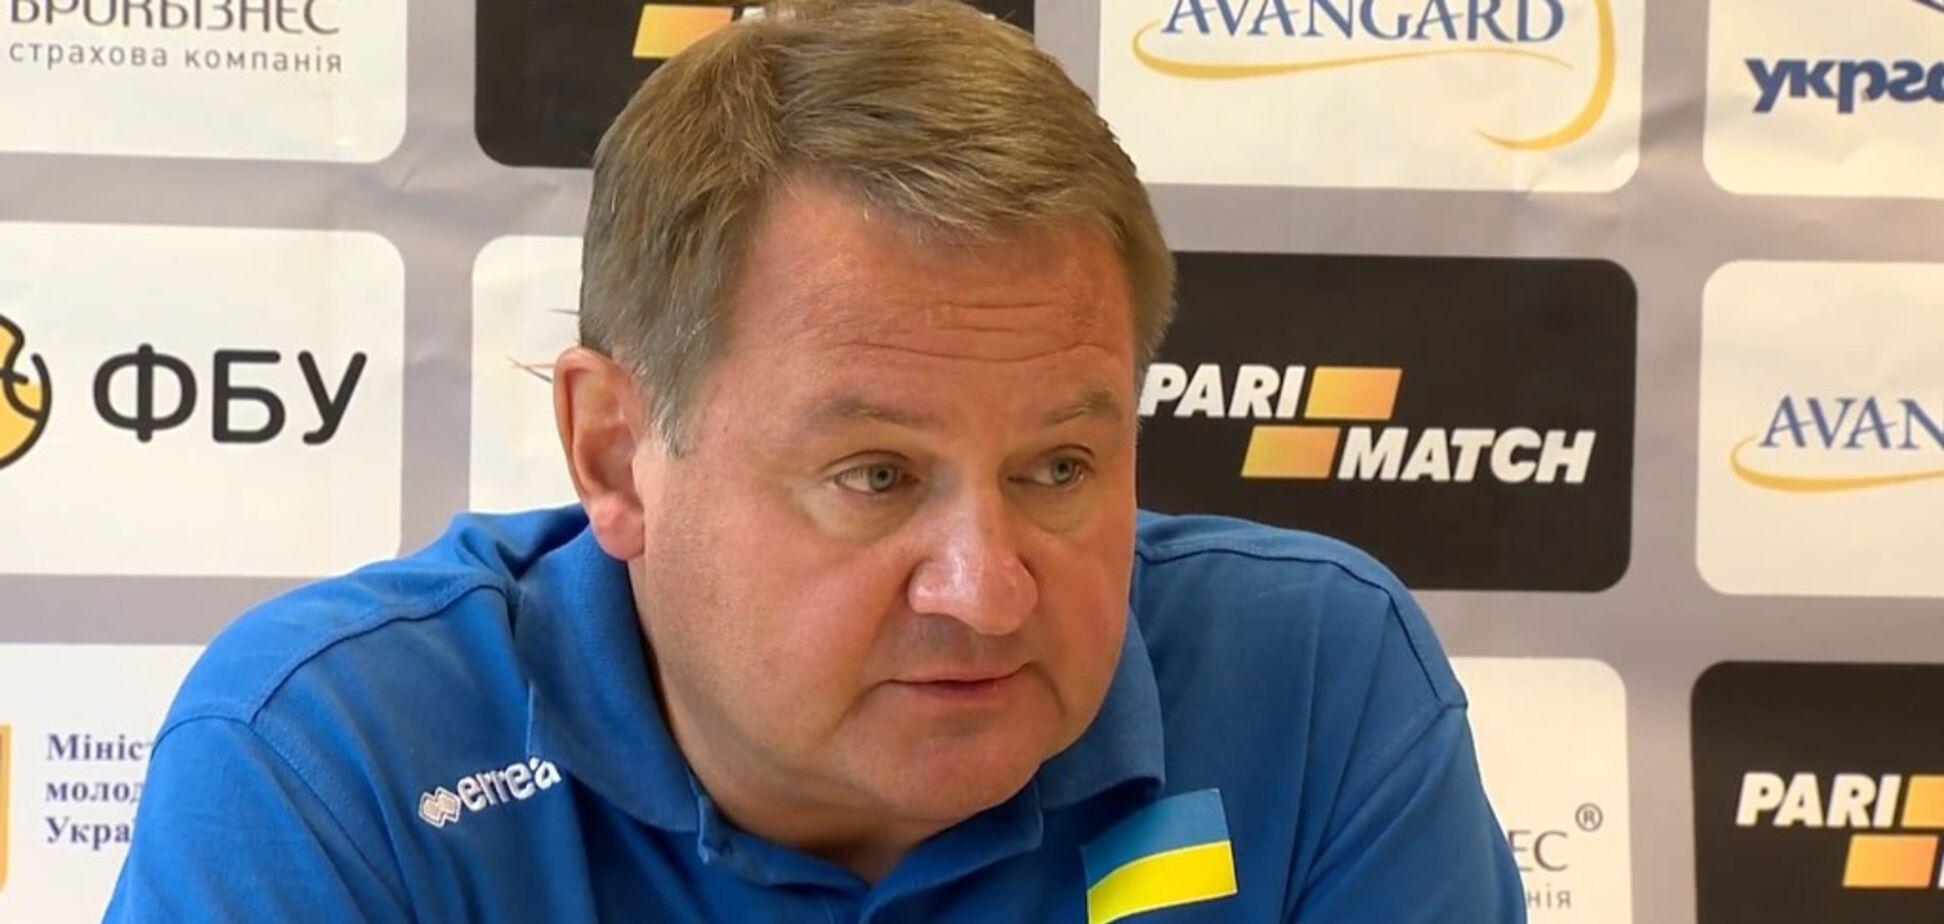 Главный тренер сборной Украины по баскетболу ушел в отставку